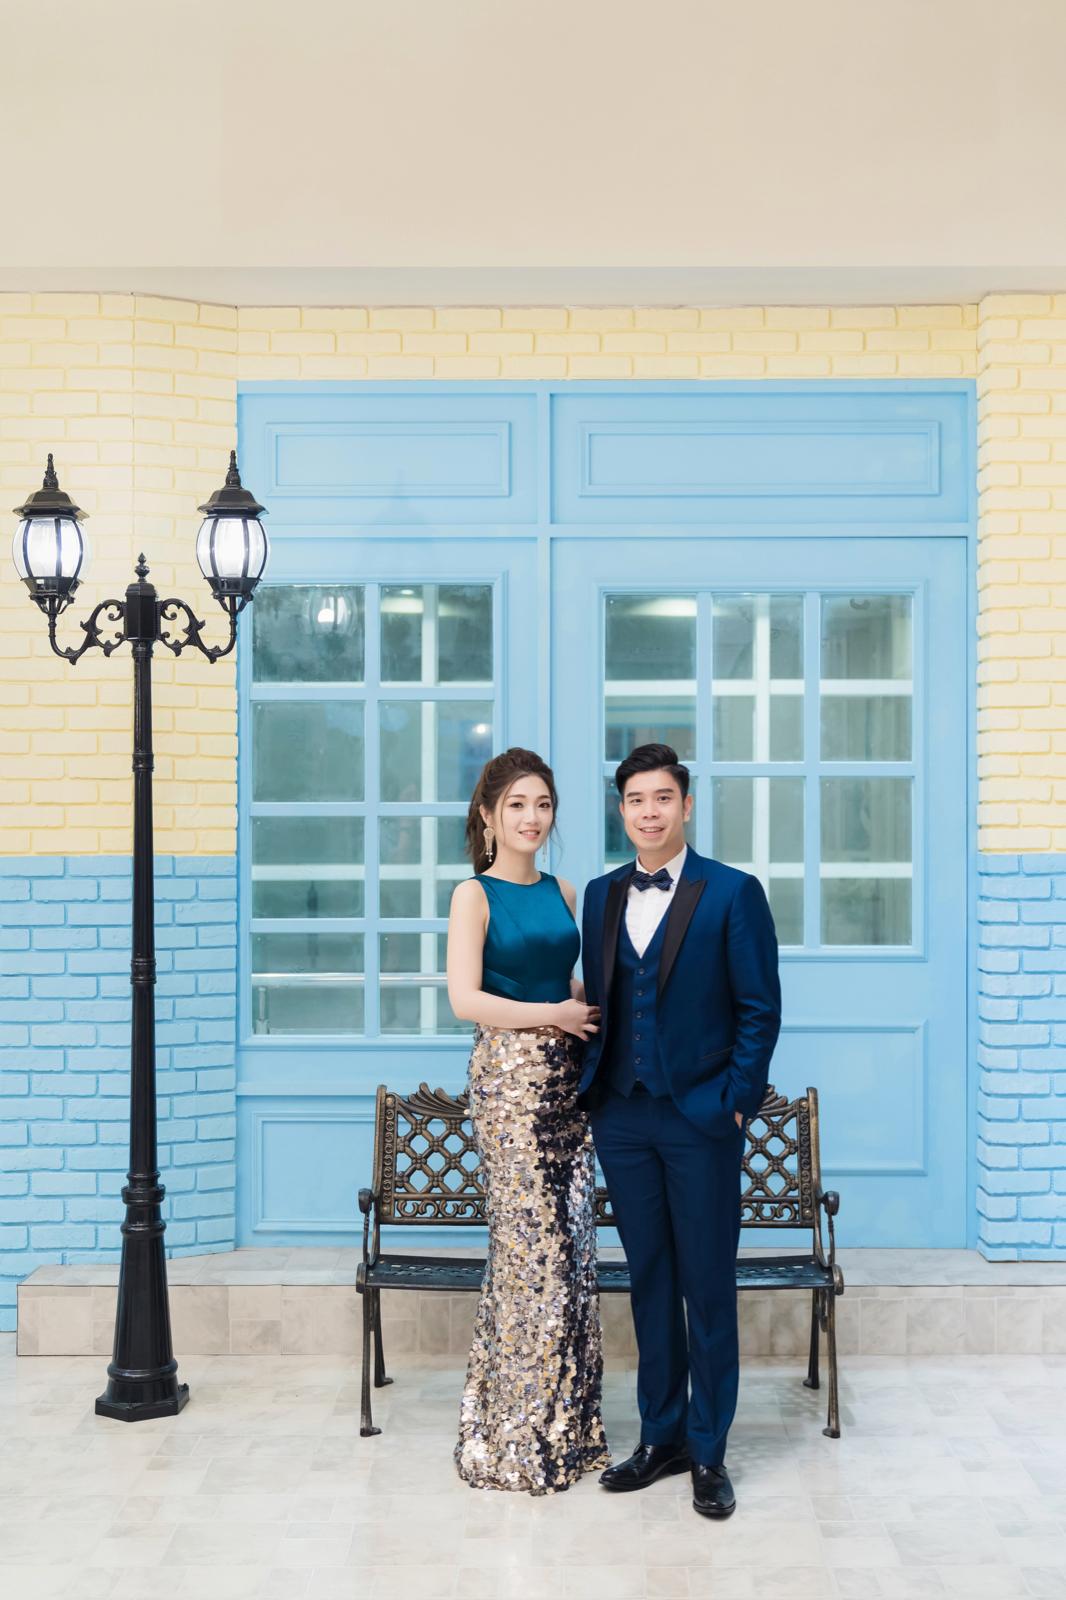 婚攝作品,婚禮攝影,婚禮紀錄,內湖88樂章,天空之城,類婚紗,wedding photos